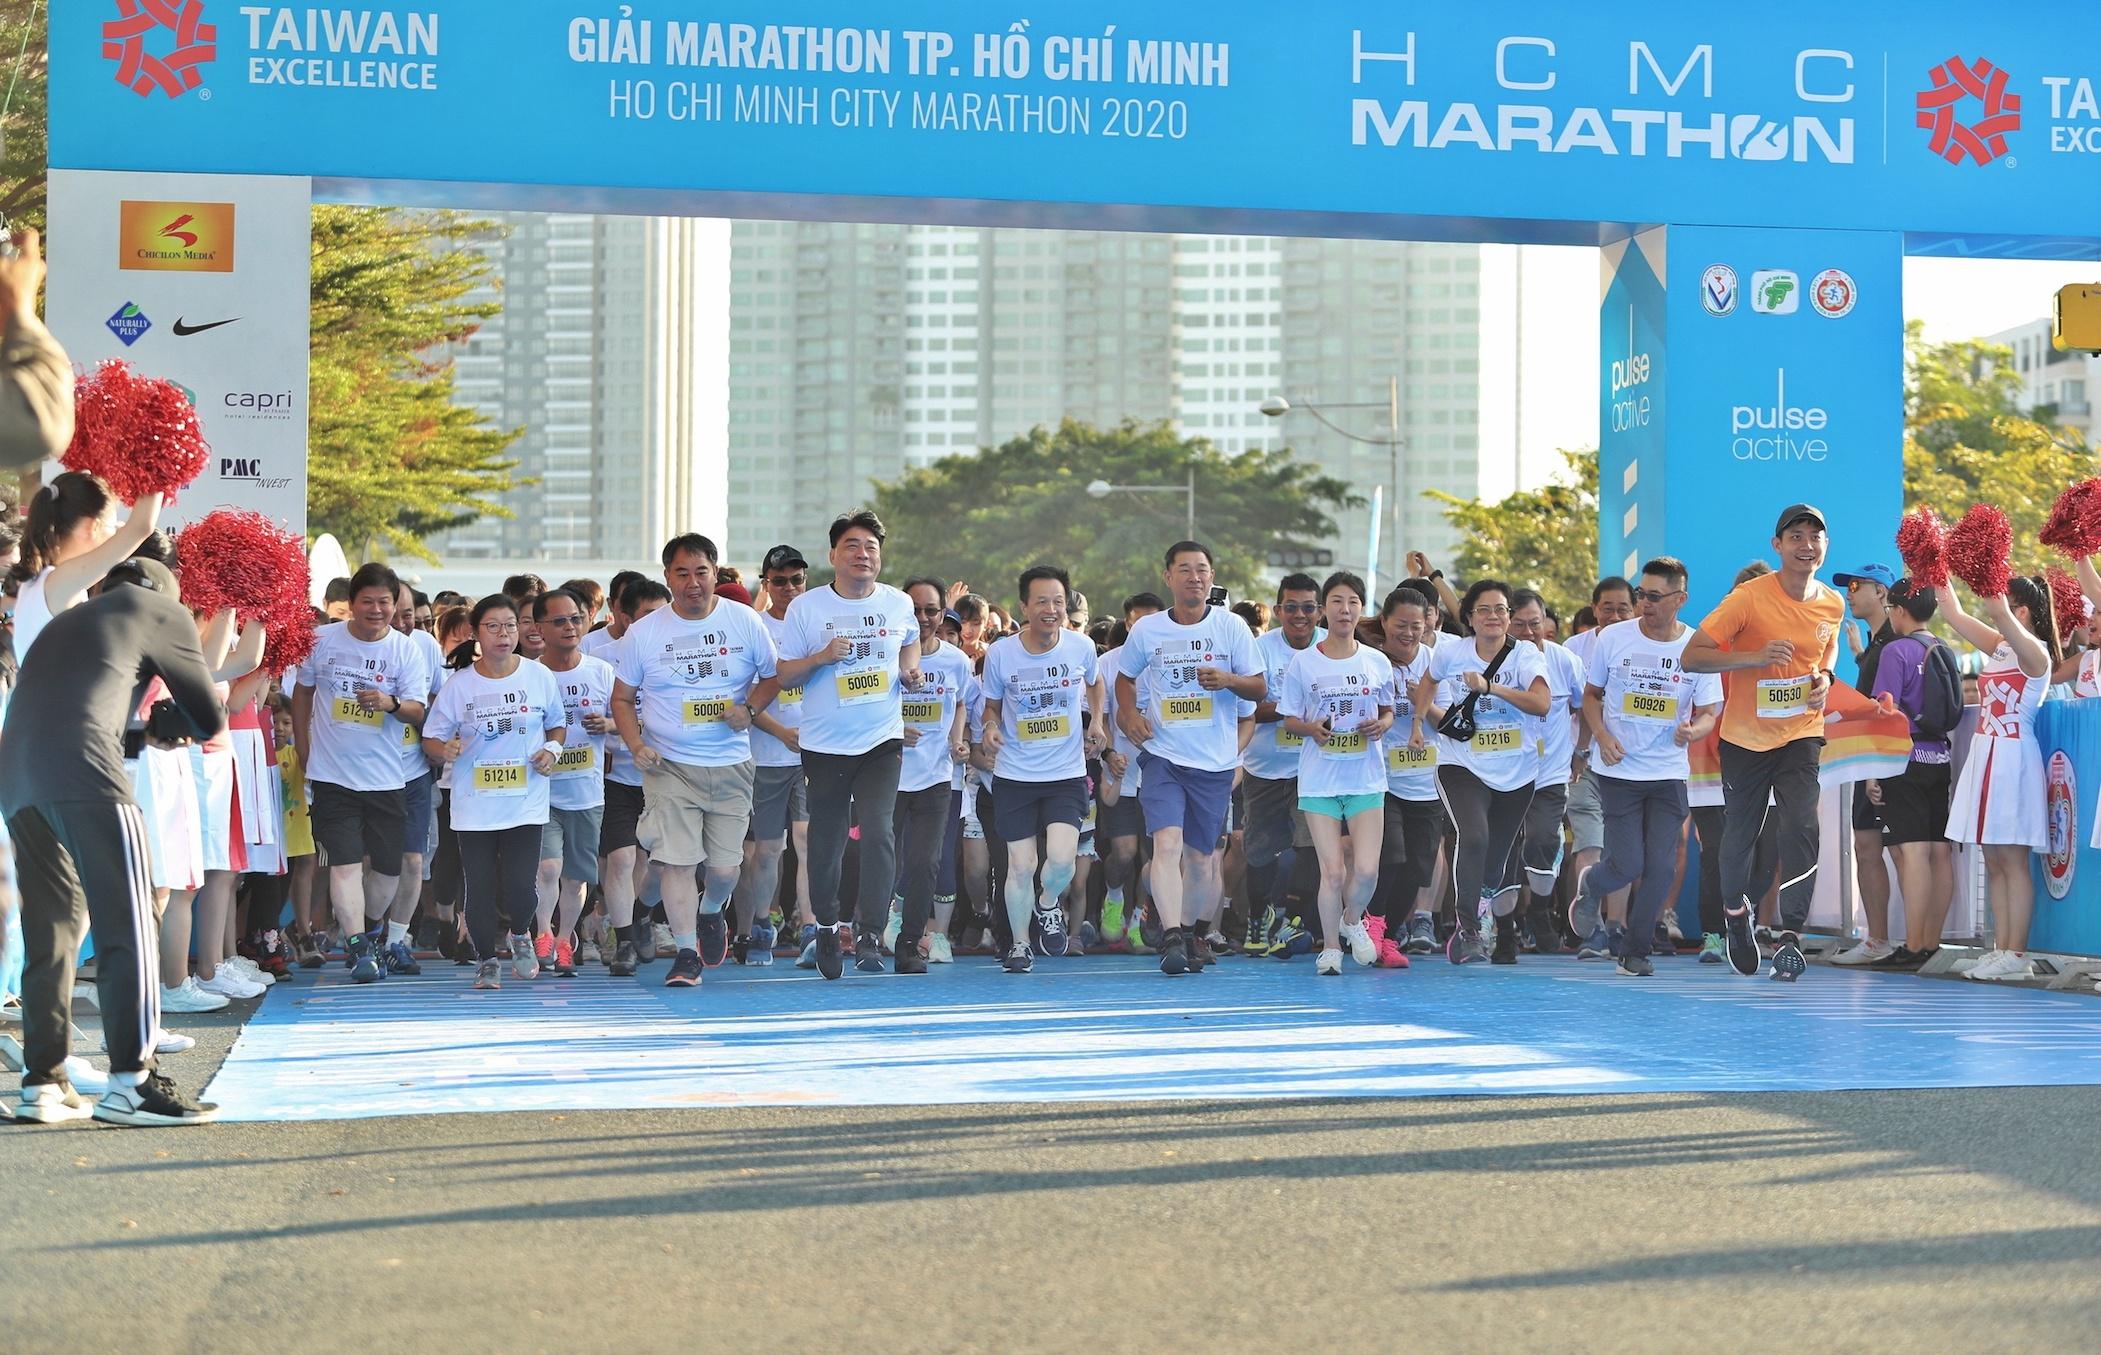 Ông Wu Chun -Tse đại diện Taiwan Excellence, Giám đốc Ban Marketing chiến lược TAITRA tham gia đường chạy 5 km.